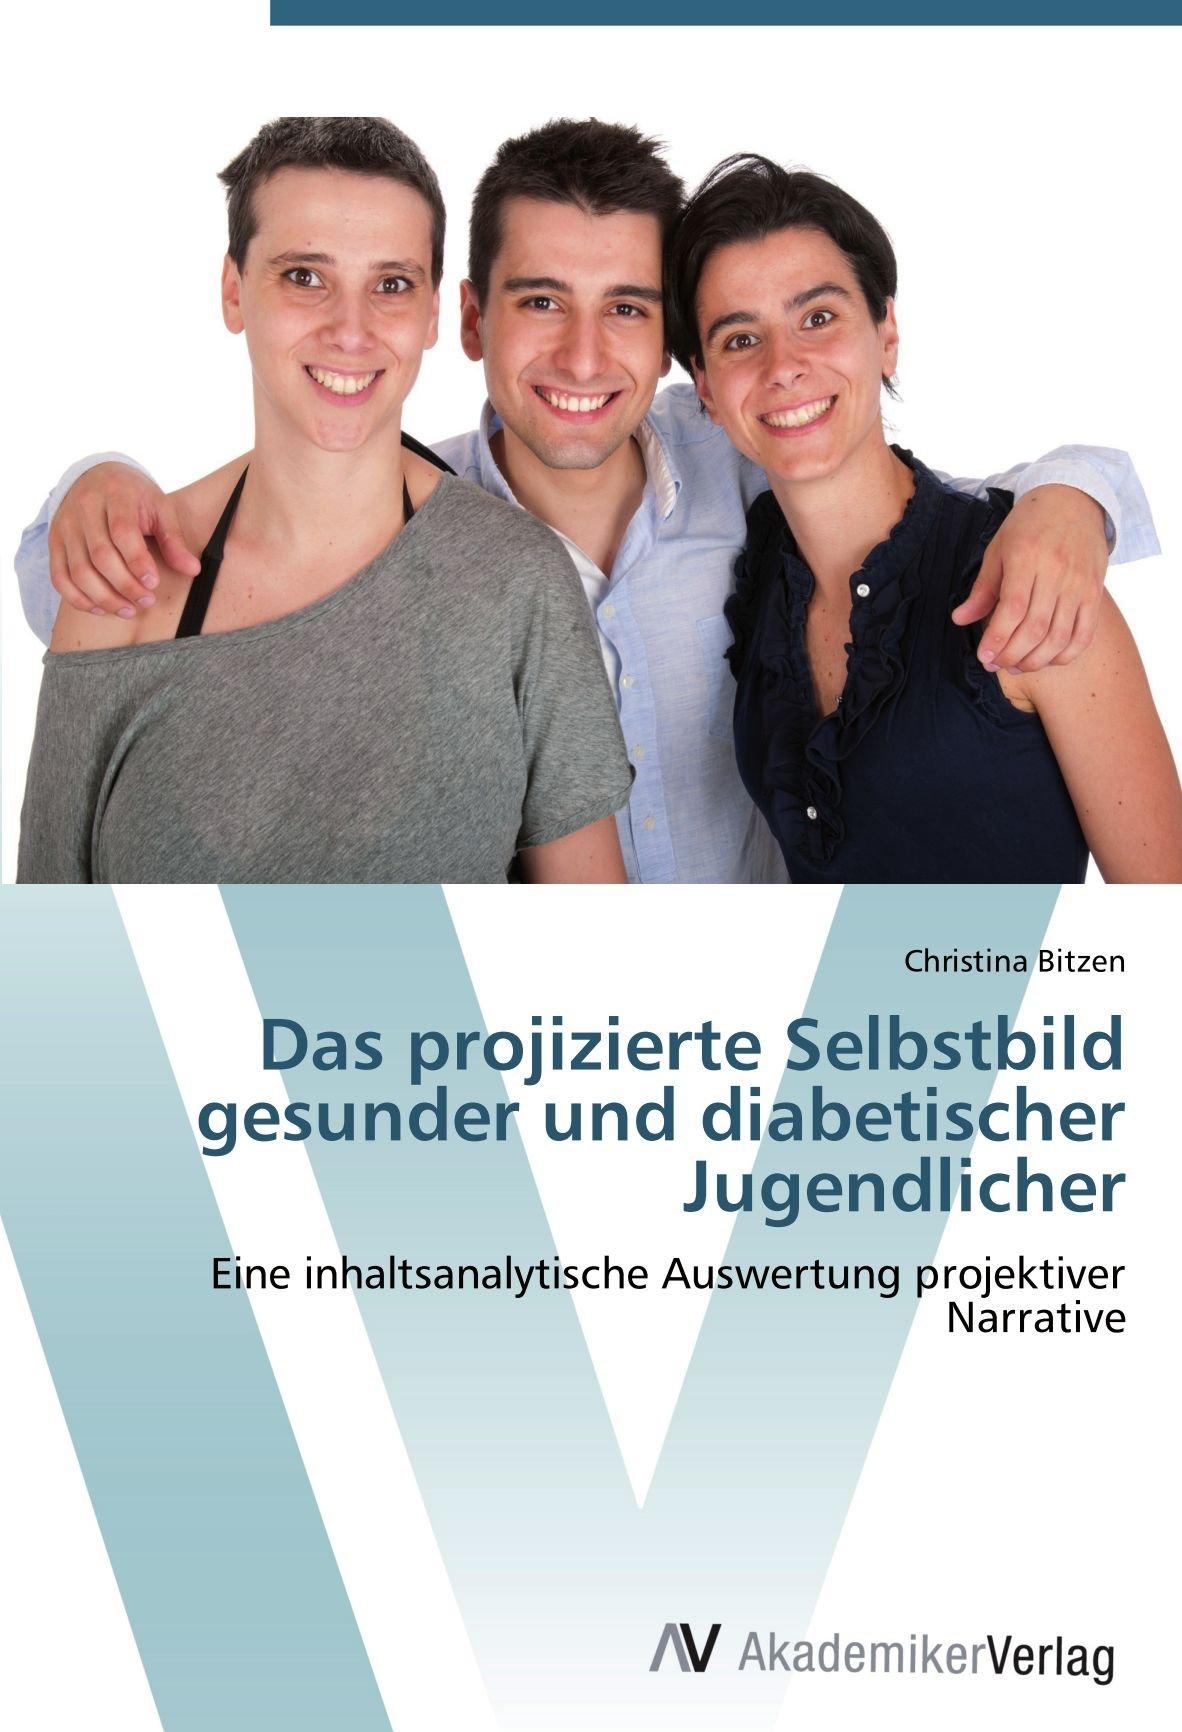 Das projizierte Selbstbild gesunder und diabetischer Jugendlicher: Eine inhaltsanalytische Auswertung projektiver Narrative (German Edition) pdf